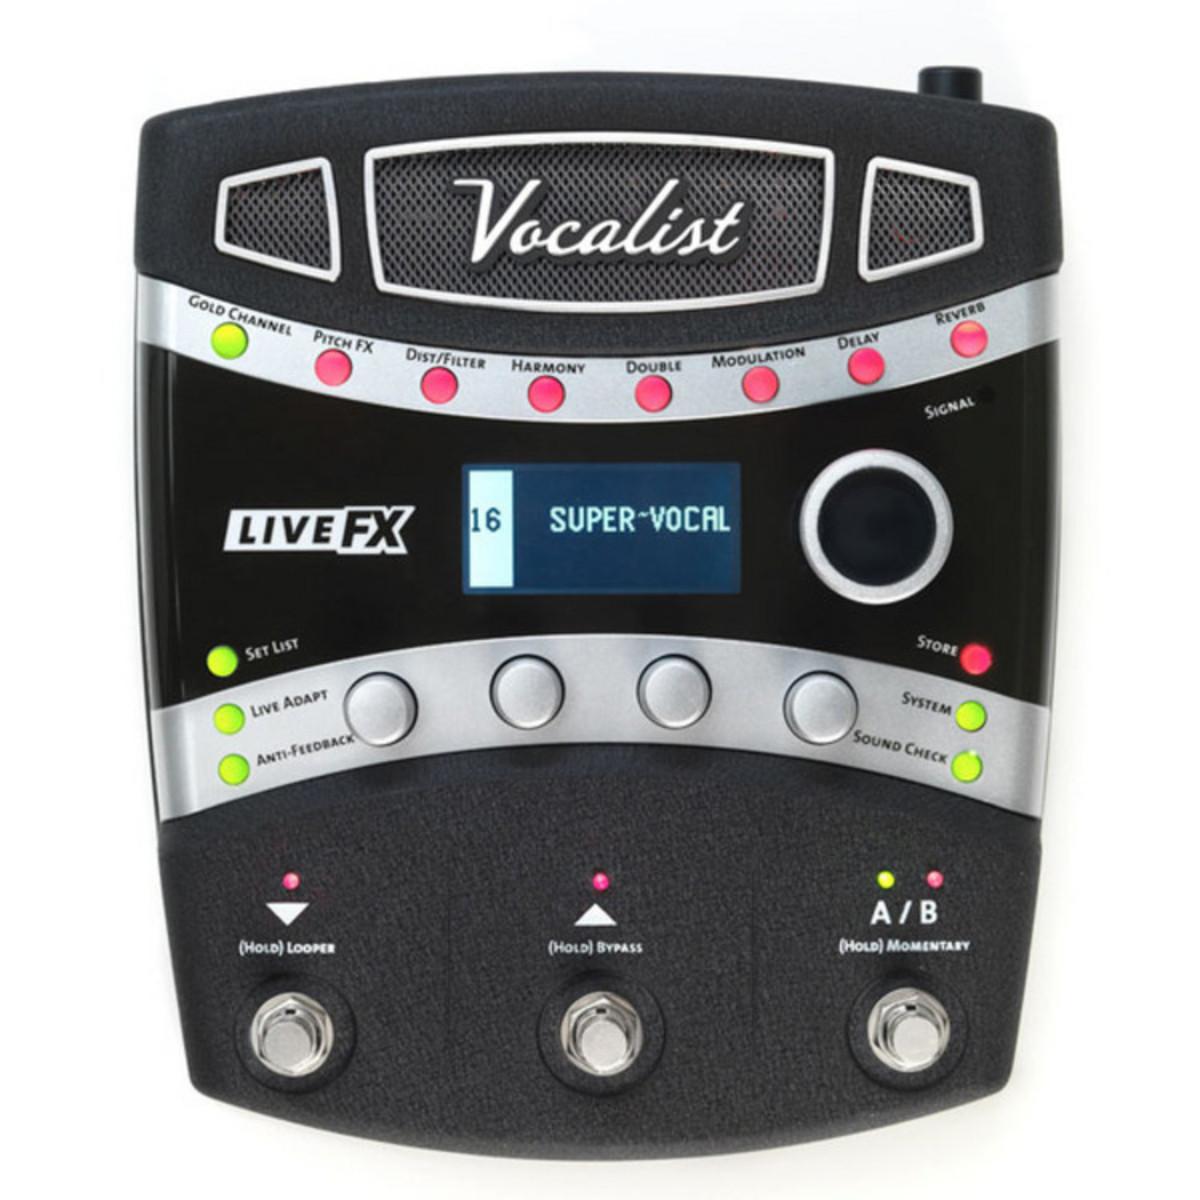 digitech vocalist live fx vocal effect processor at gear4music. Black Bedroom Furniture Sets. Home Design Ideas